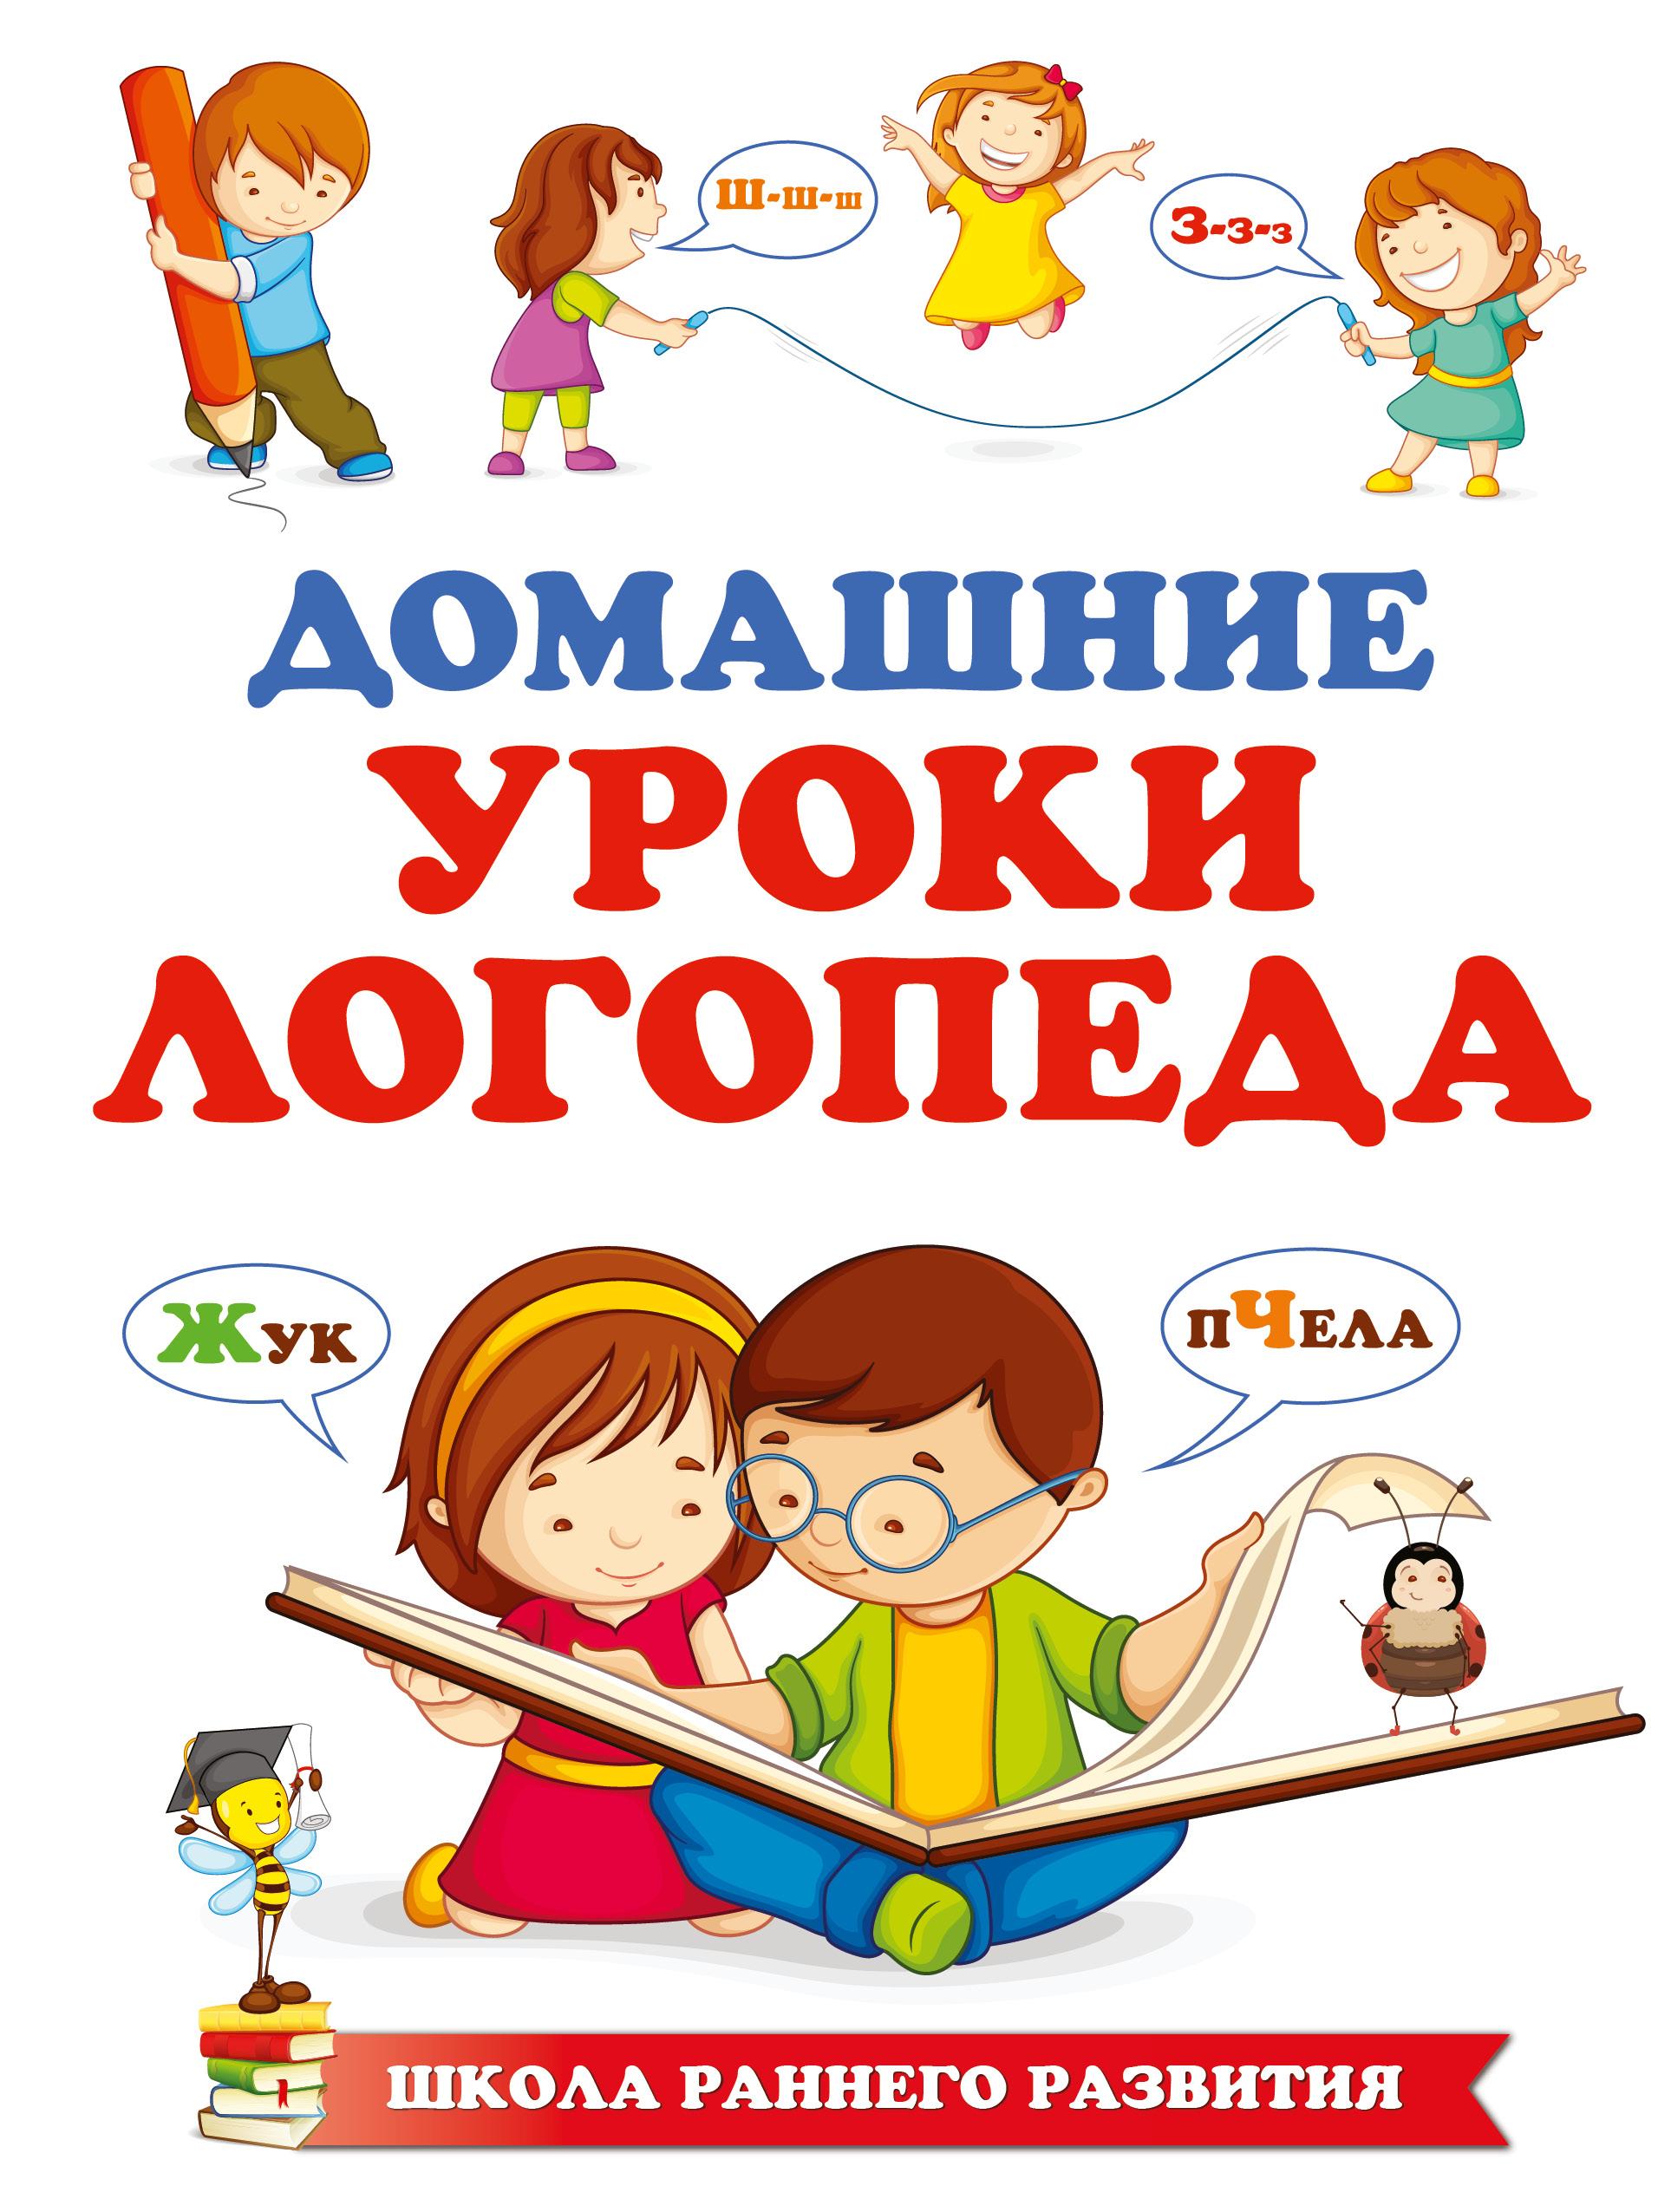 Новотворцева Н.В. Домашние уроки логопеда консультирование родителей в детском саду возрастные особенности детей